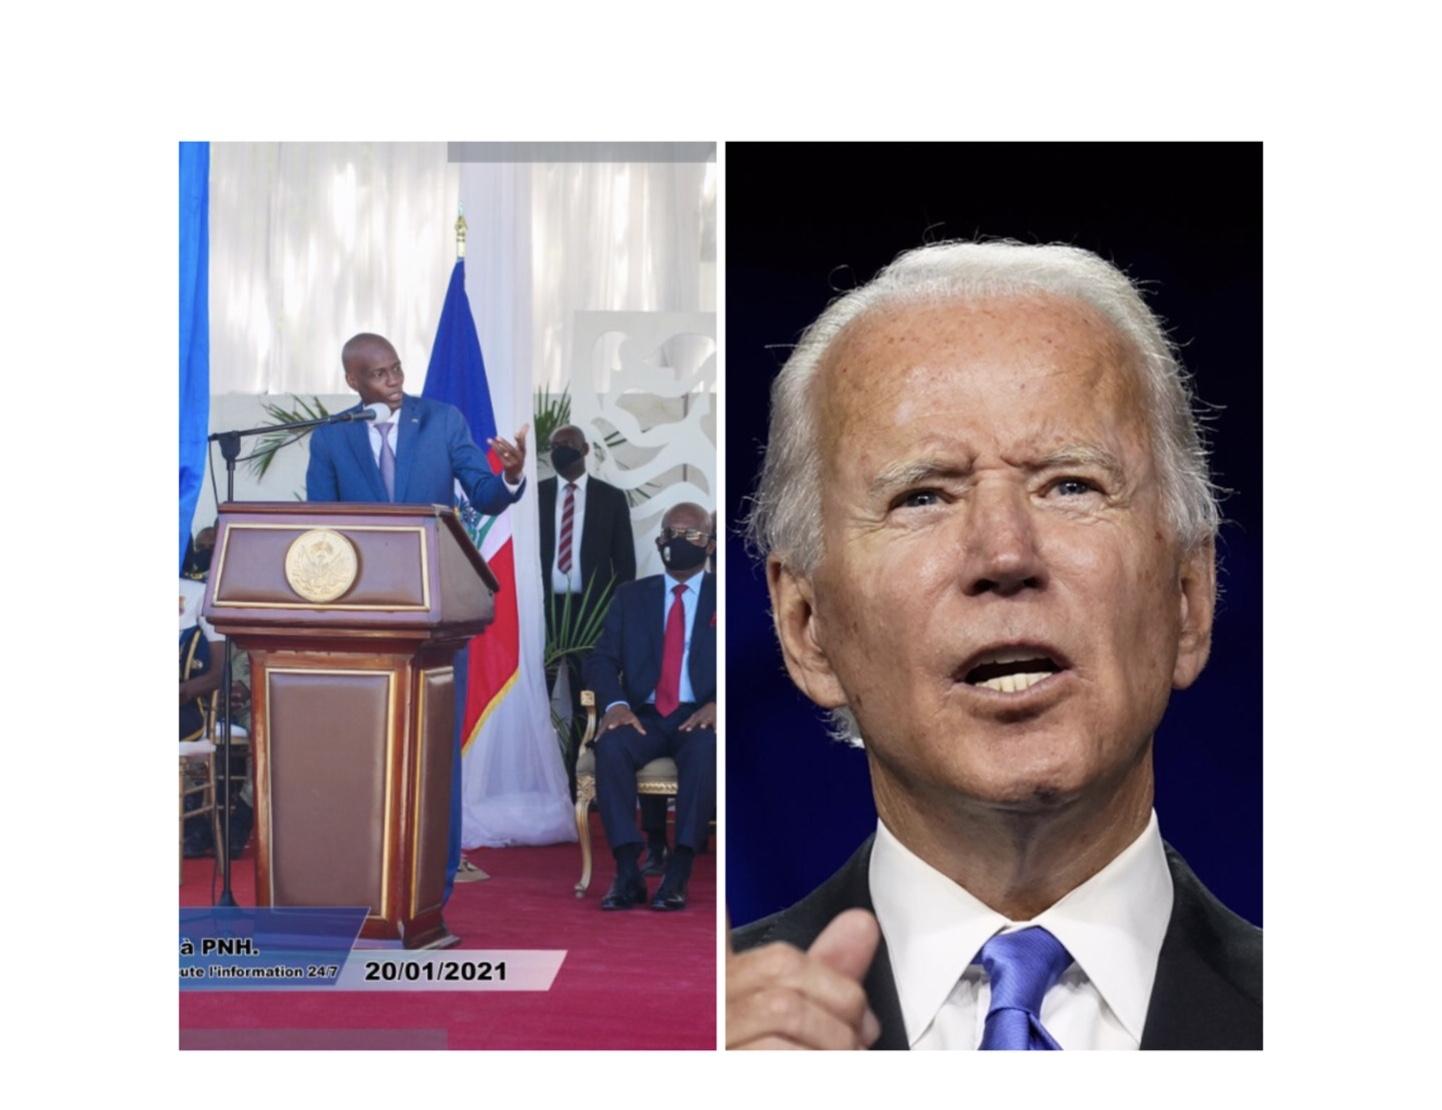 Jovenel Moïse souhaite du succès à Joe Biden et Kamala Harris et se dit prêt à travailler avec leur administration